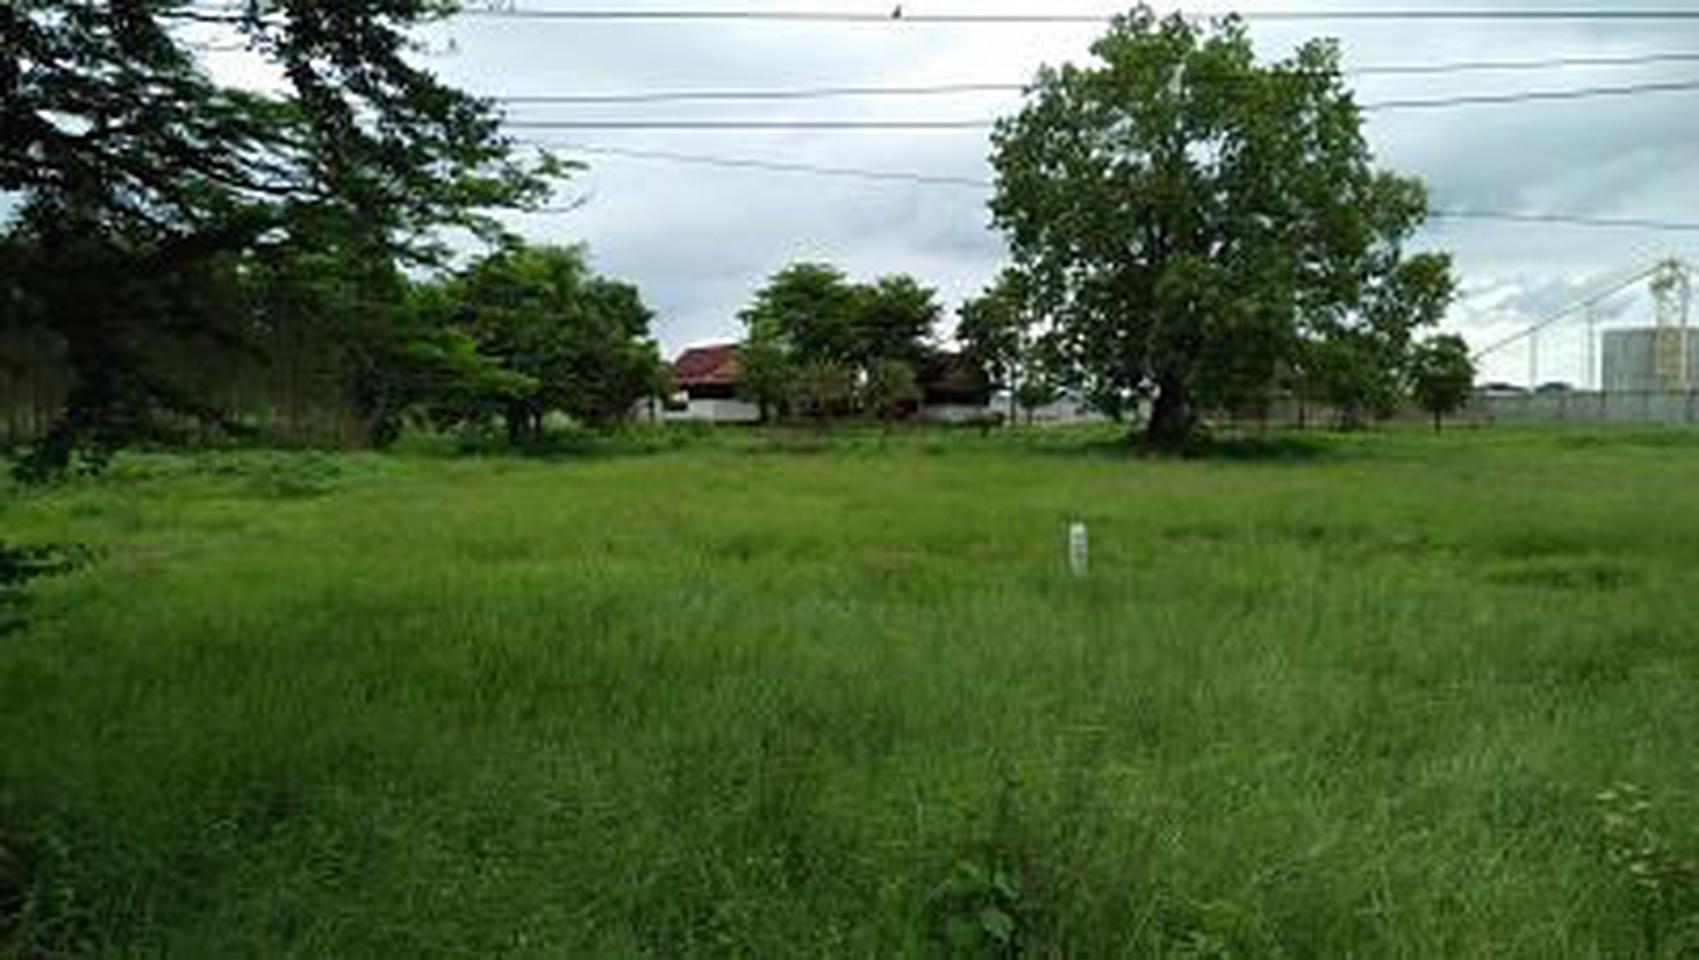 ที่ดิน แปลงใหญ่  อำเภอท่าม่วง กาญจนบุรี เนื้อที่ 446 ไร่  รูปที่ 4